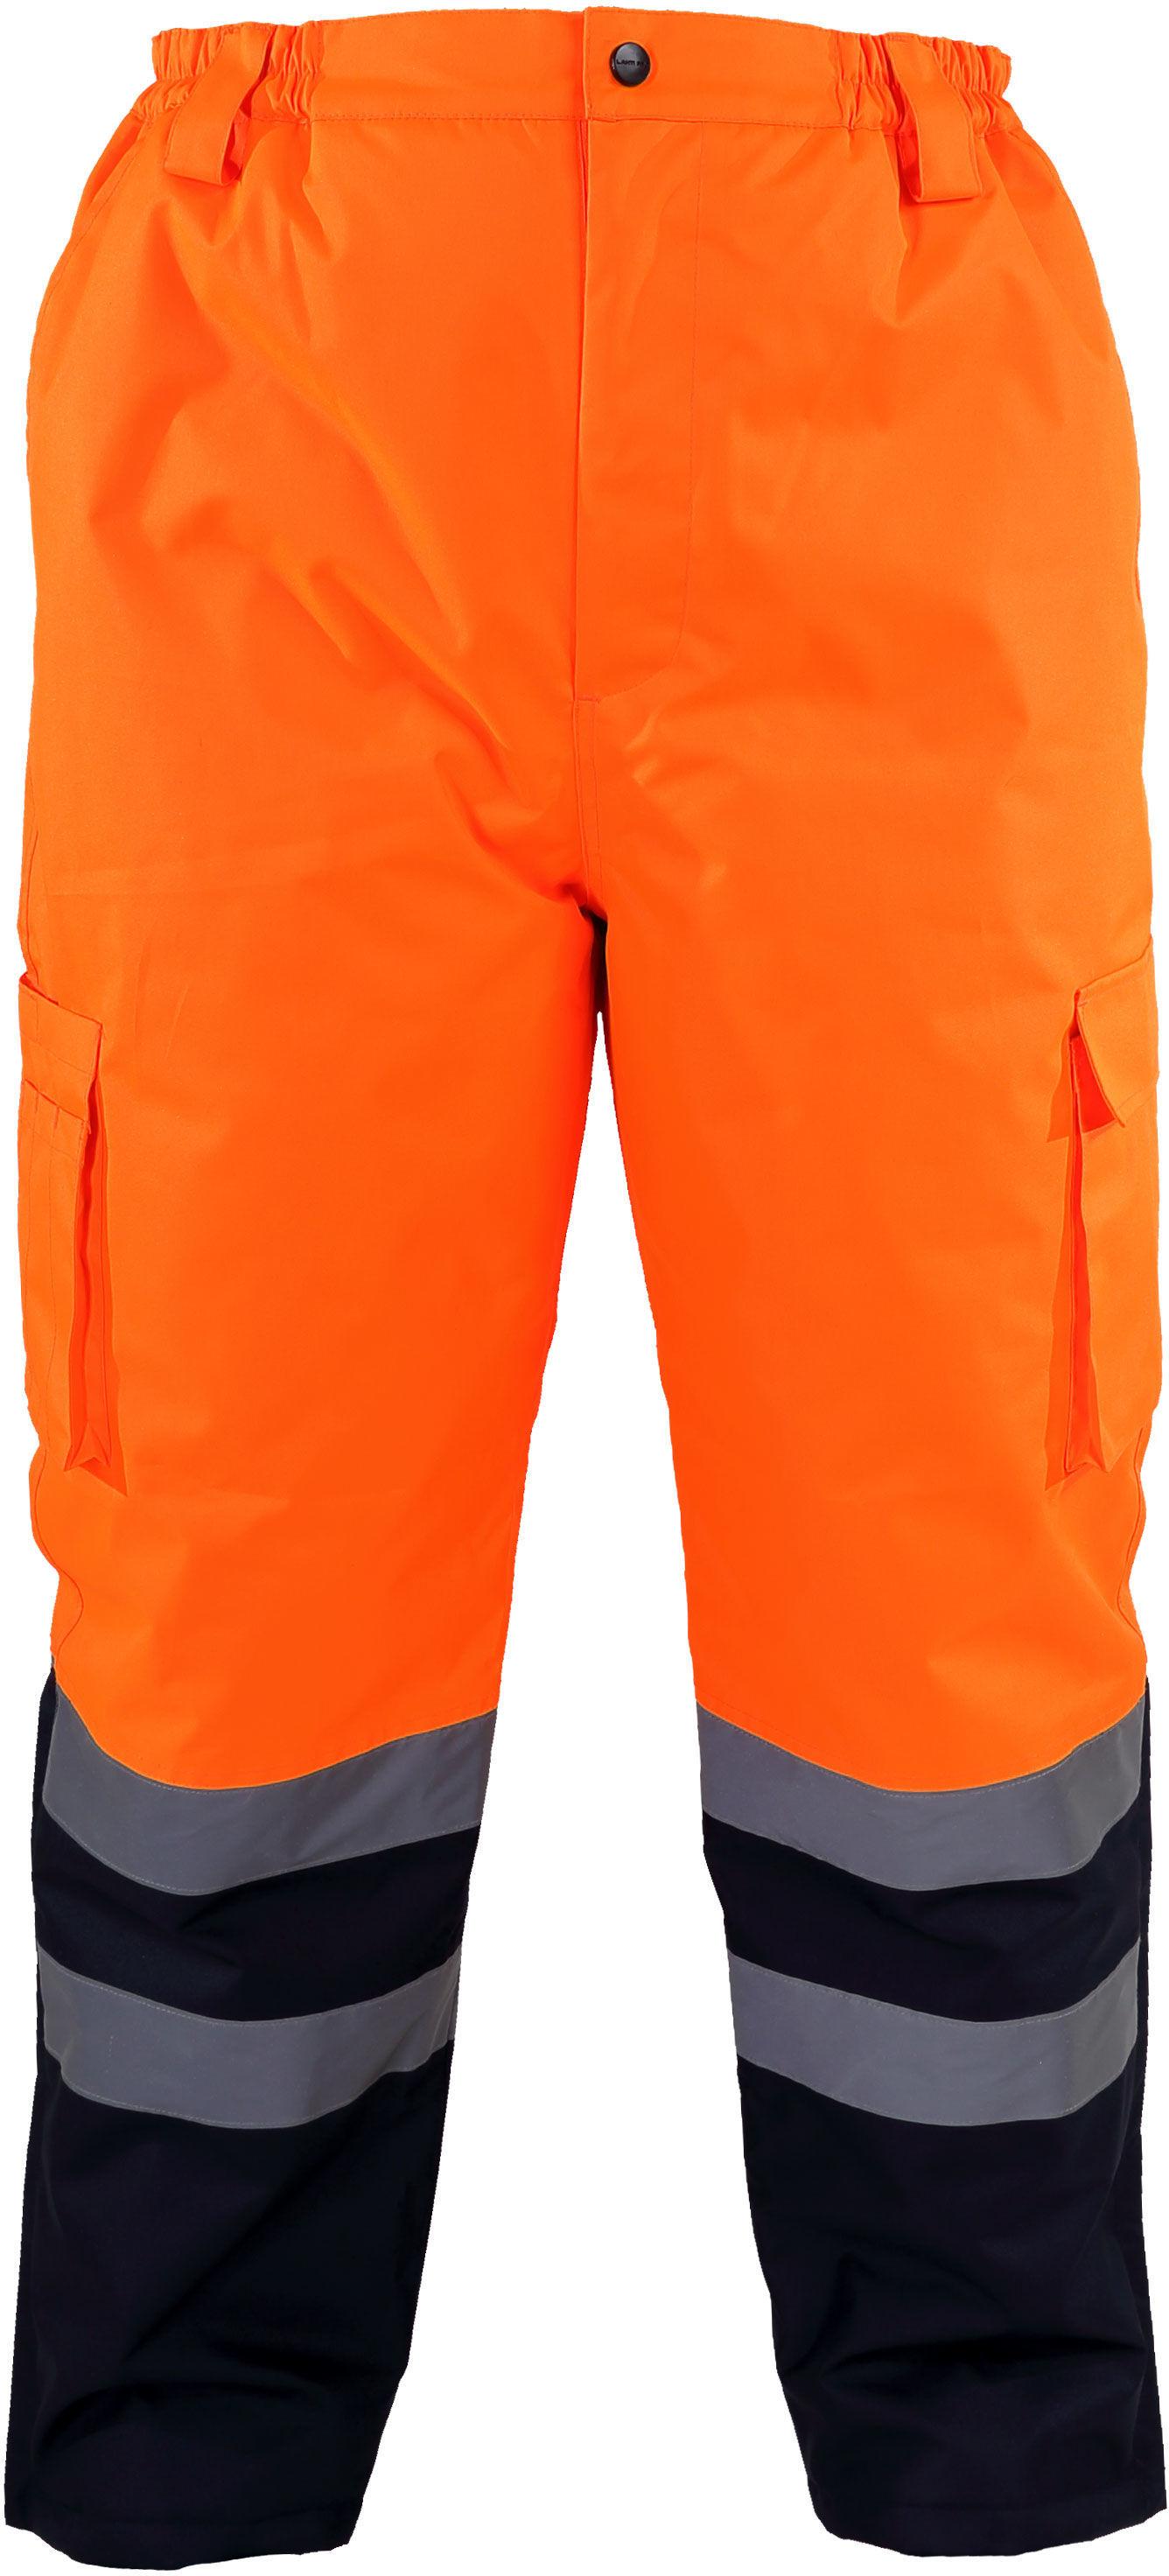 """Spodnie ostrzegawcze ociep., pomarańczowe, """"s"""", ce, lahti"""